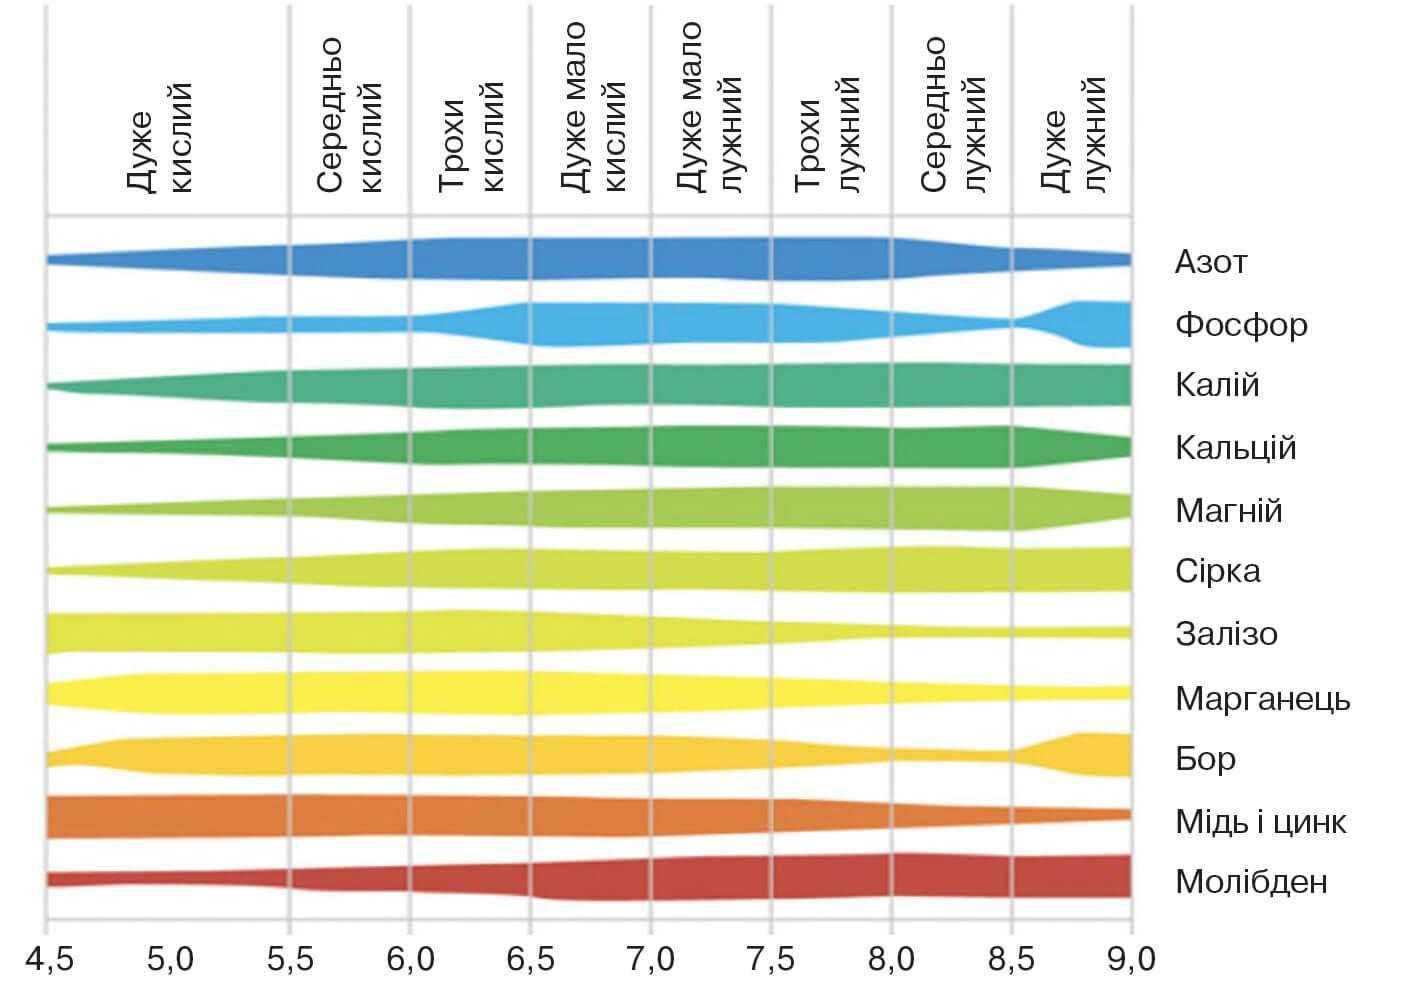 Доступність мікроелементів залежно від рівня рН ґрунту